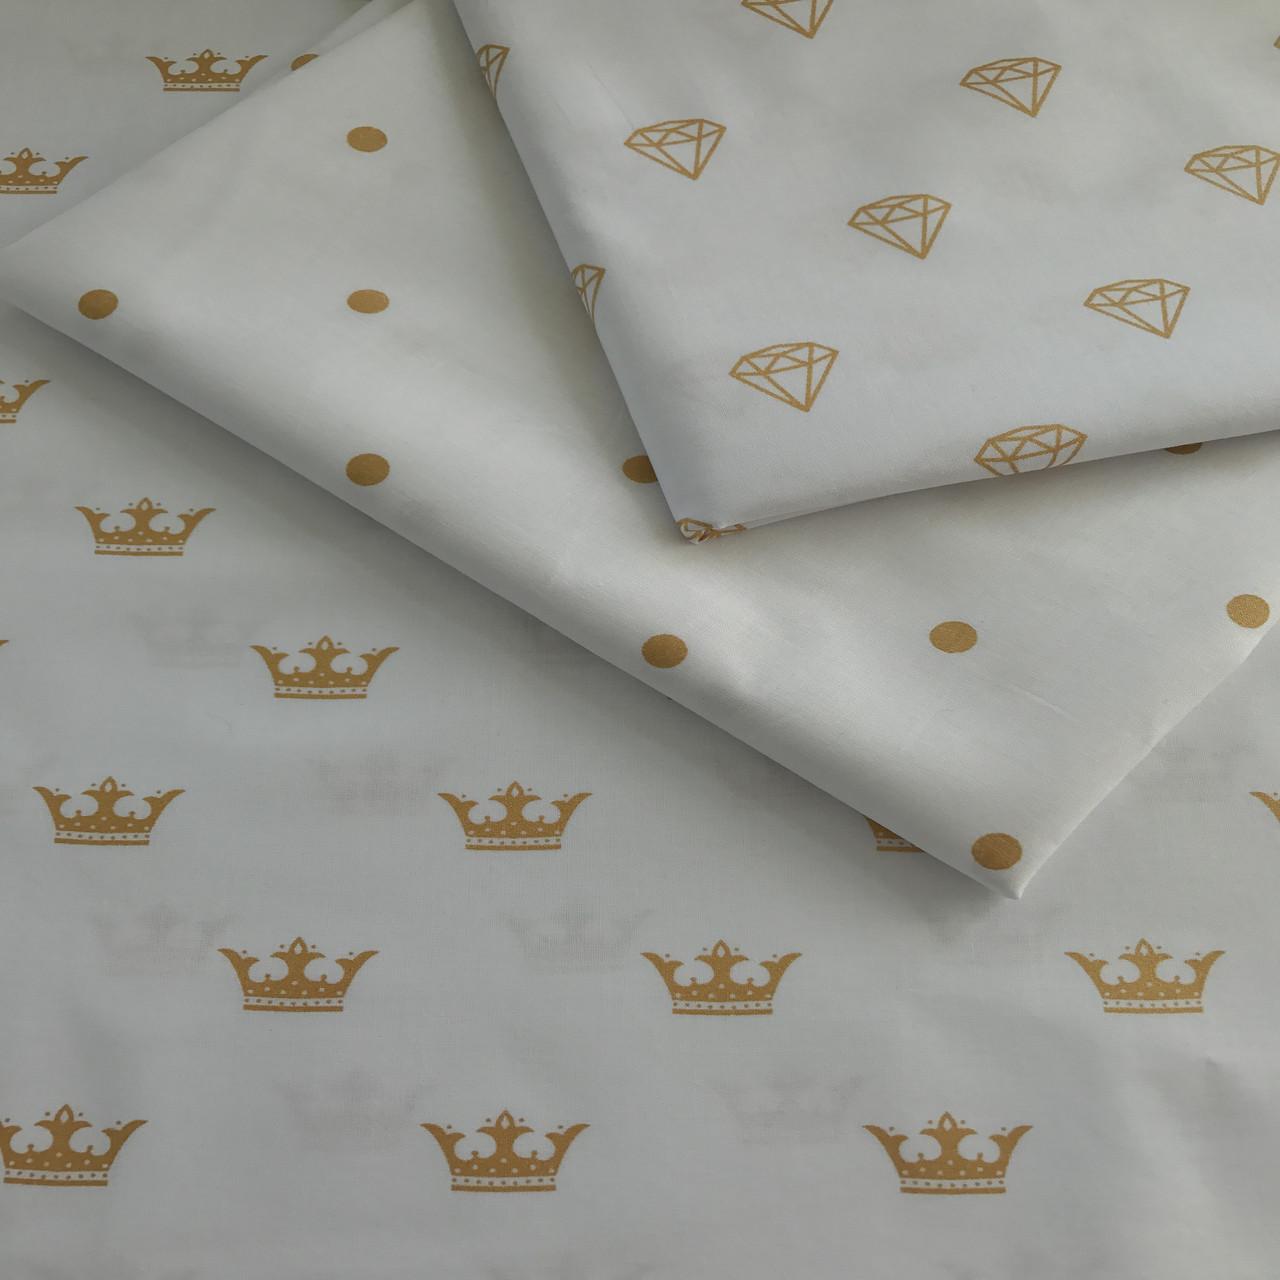 Хлопковая ткань ЛЮКС золотые (глиттер) короны, горох и бриллианты на белом фоне №14